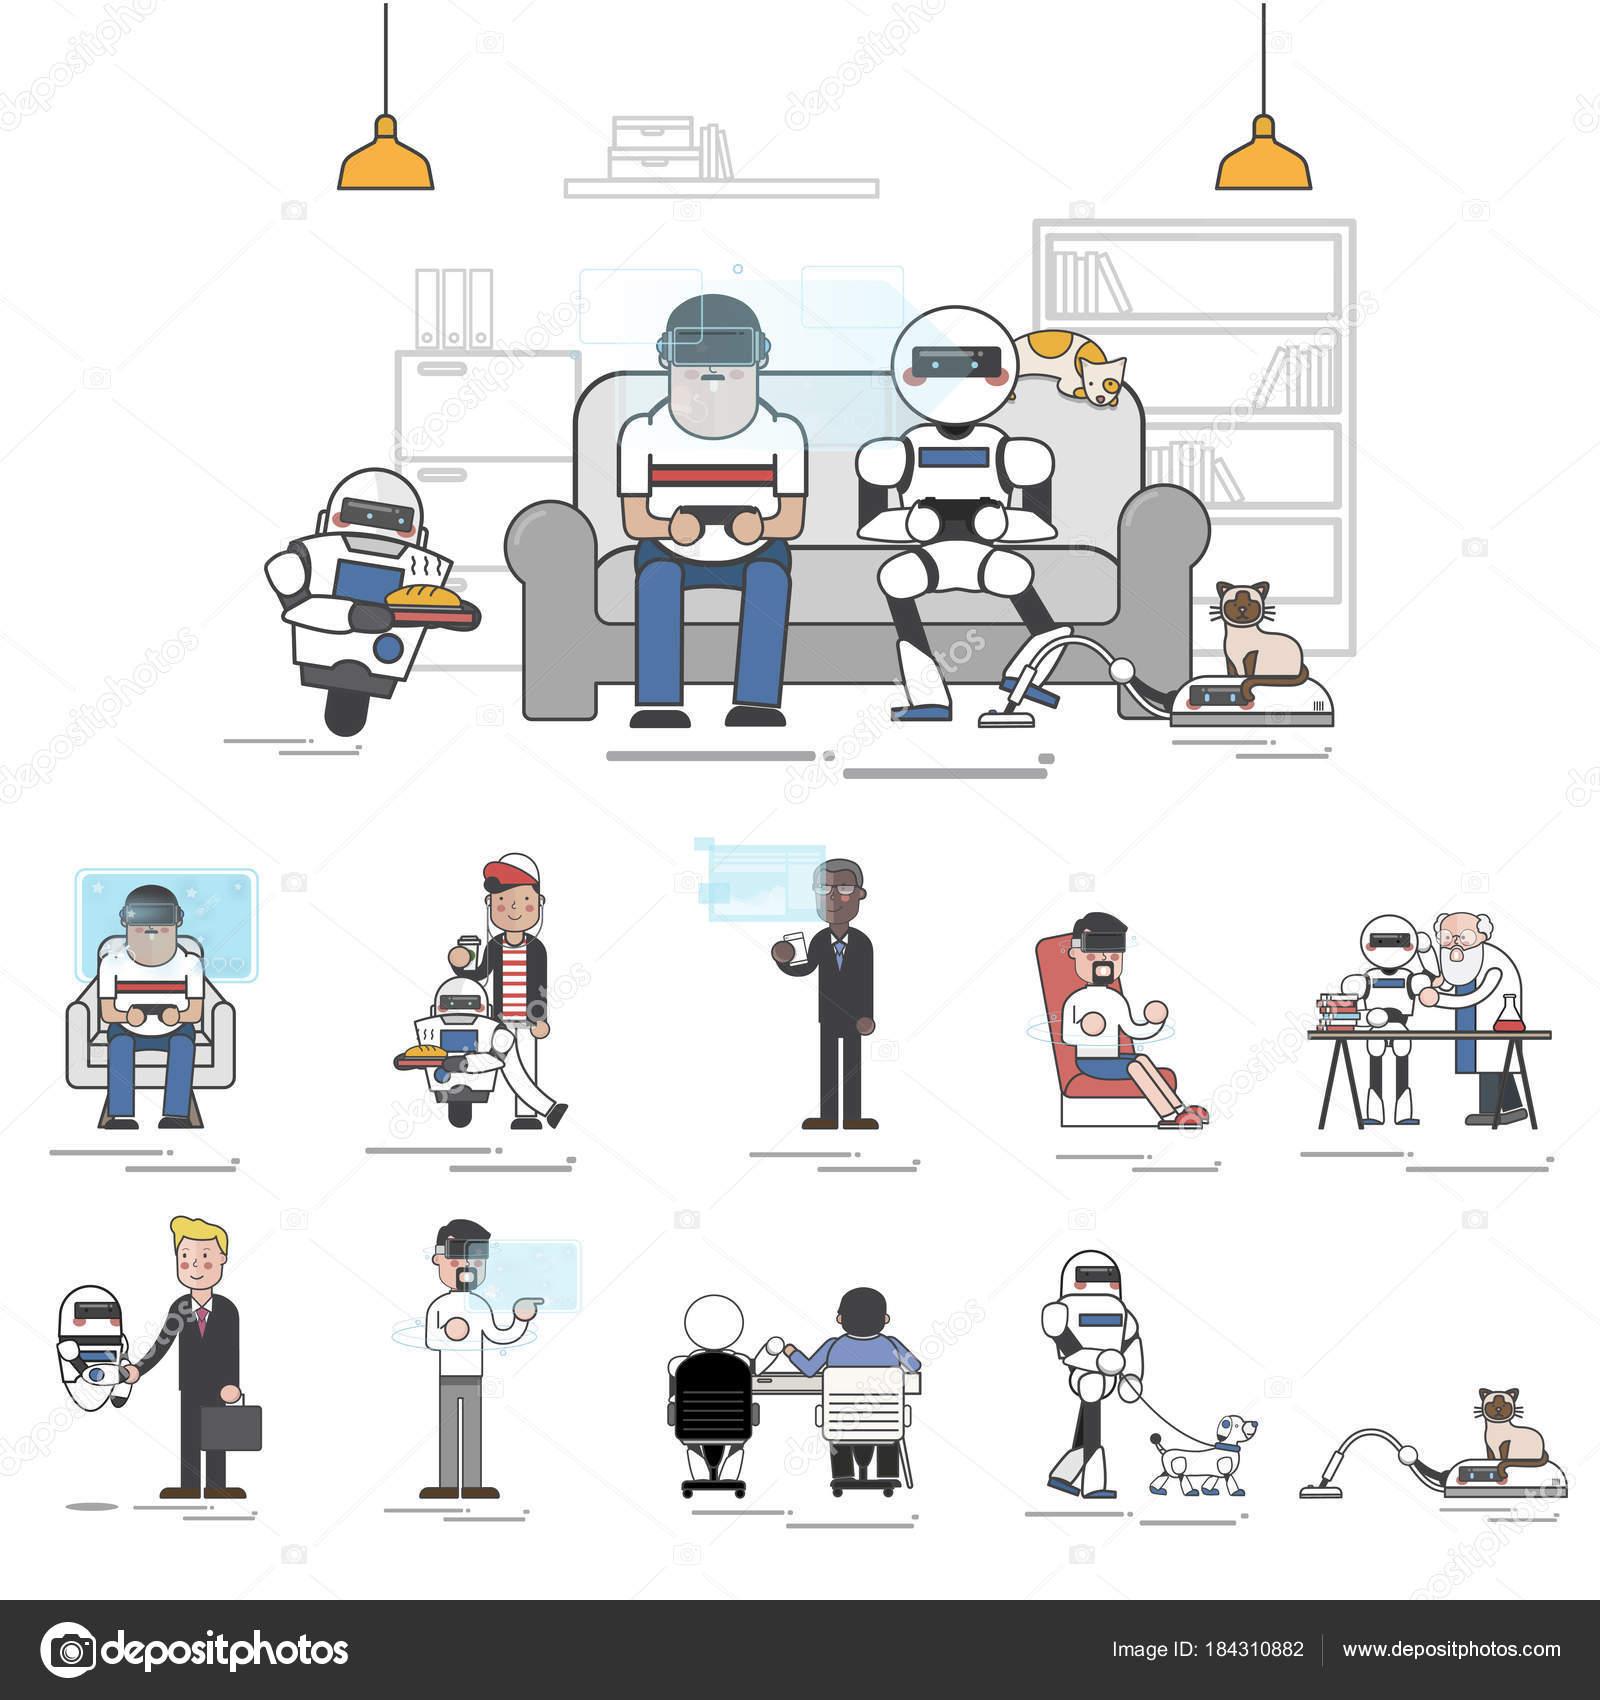 muster roboter konzept stockfoto - Konzept Muster